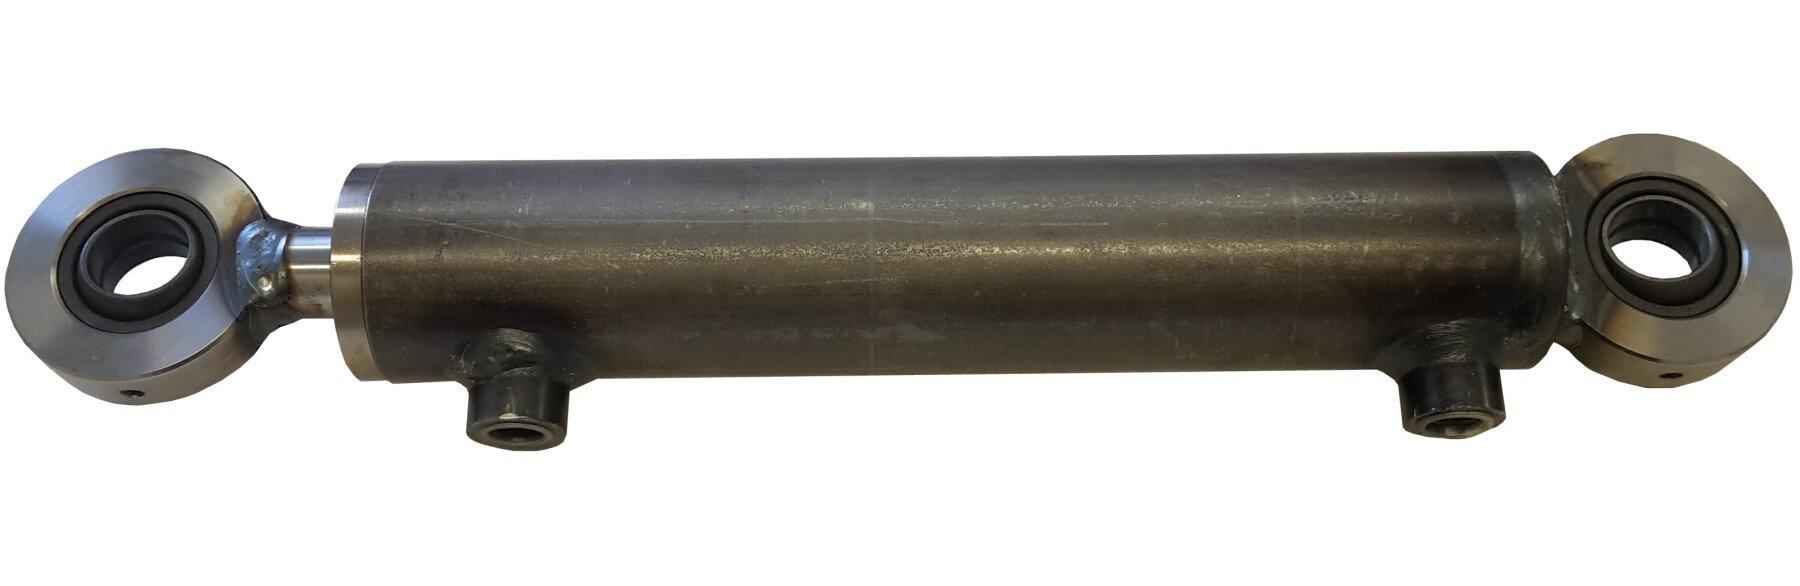 Hydraulisylinteri CL 60. 30. 150 GE - Kailatec Oy Verkkokauppa